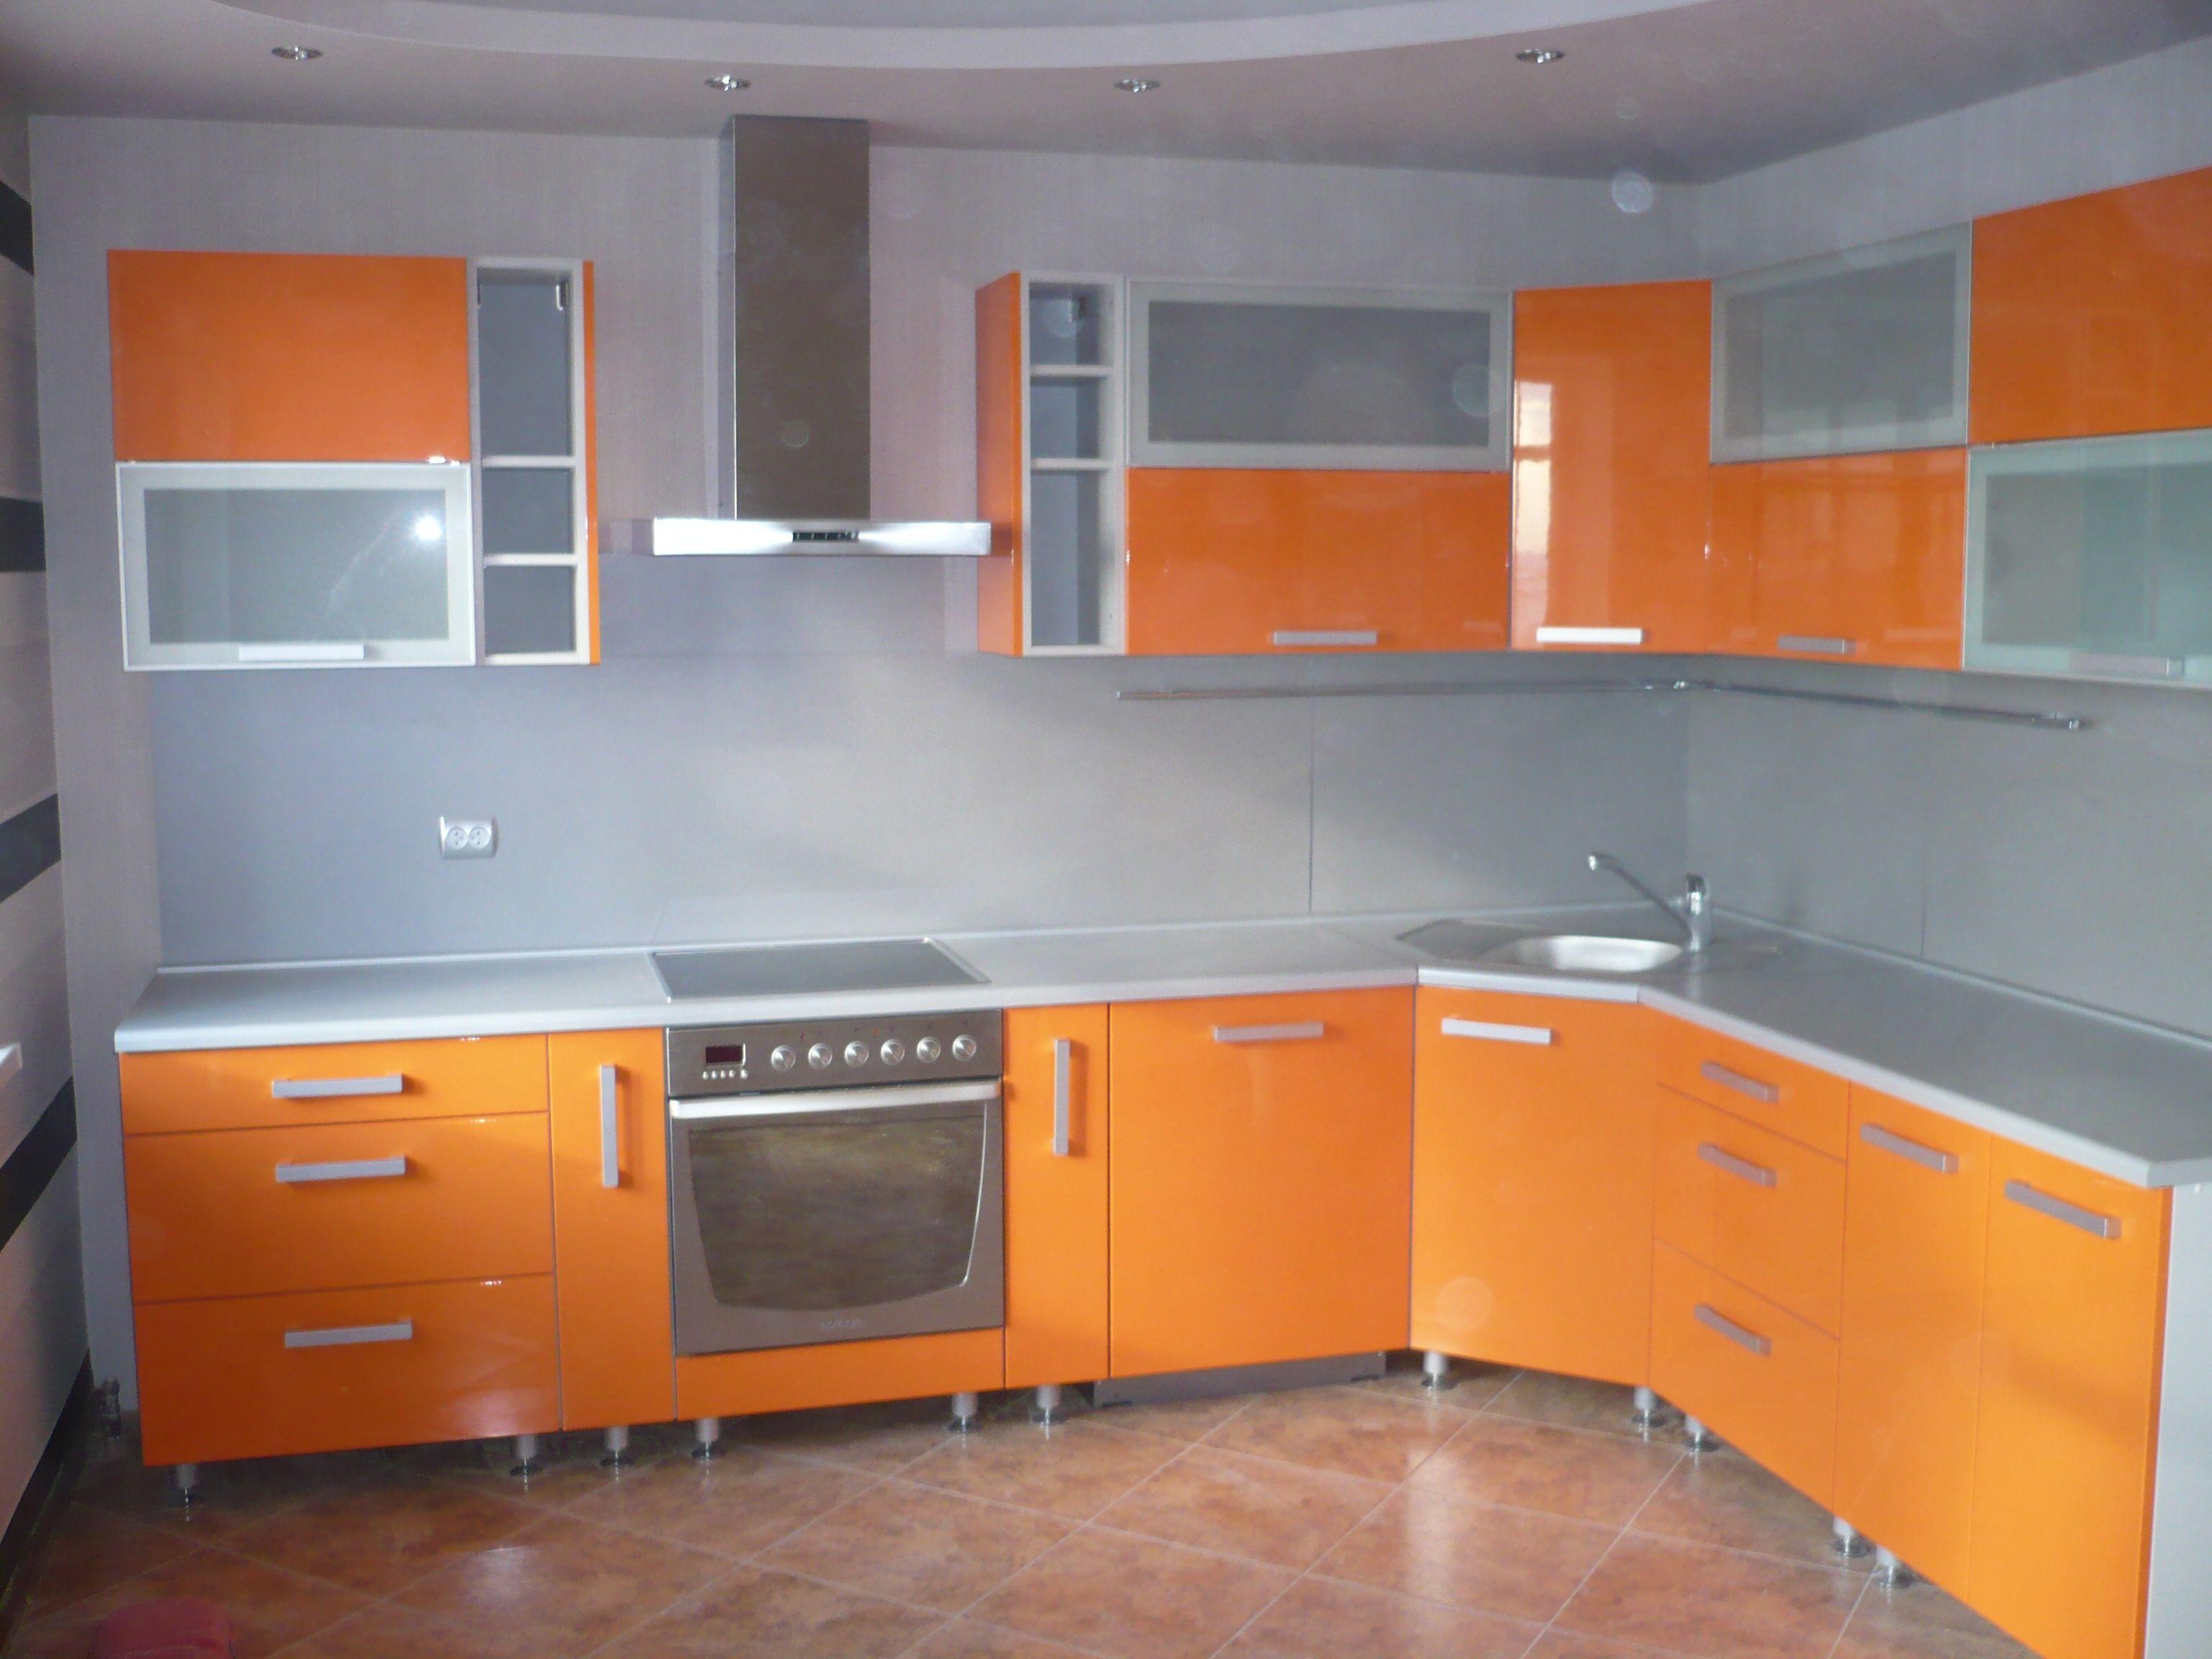 Dise o de cocinas cocinas naranjas madrid cocinas - Diseno de cocinas integrales ...